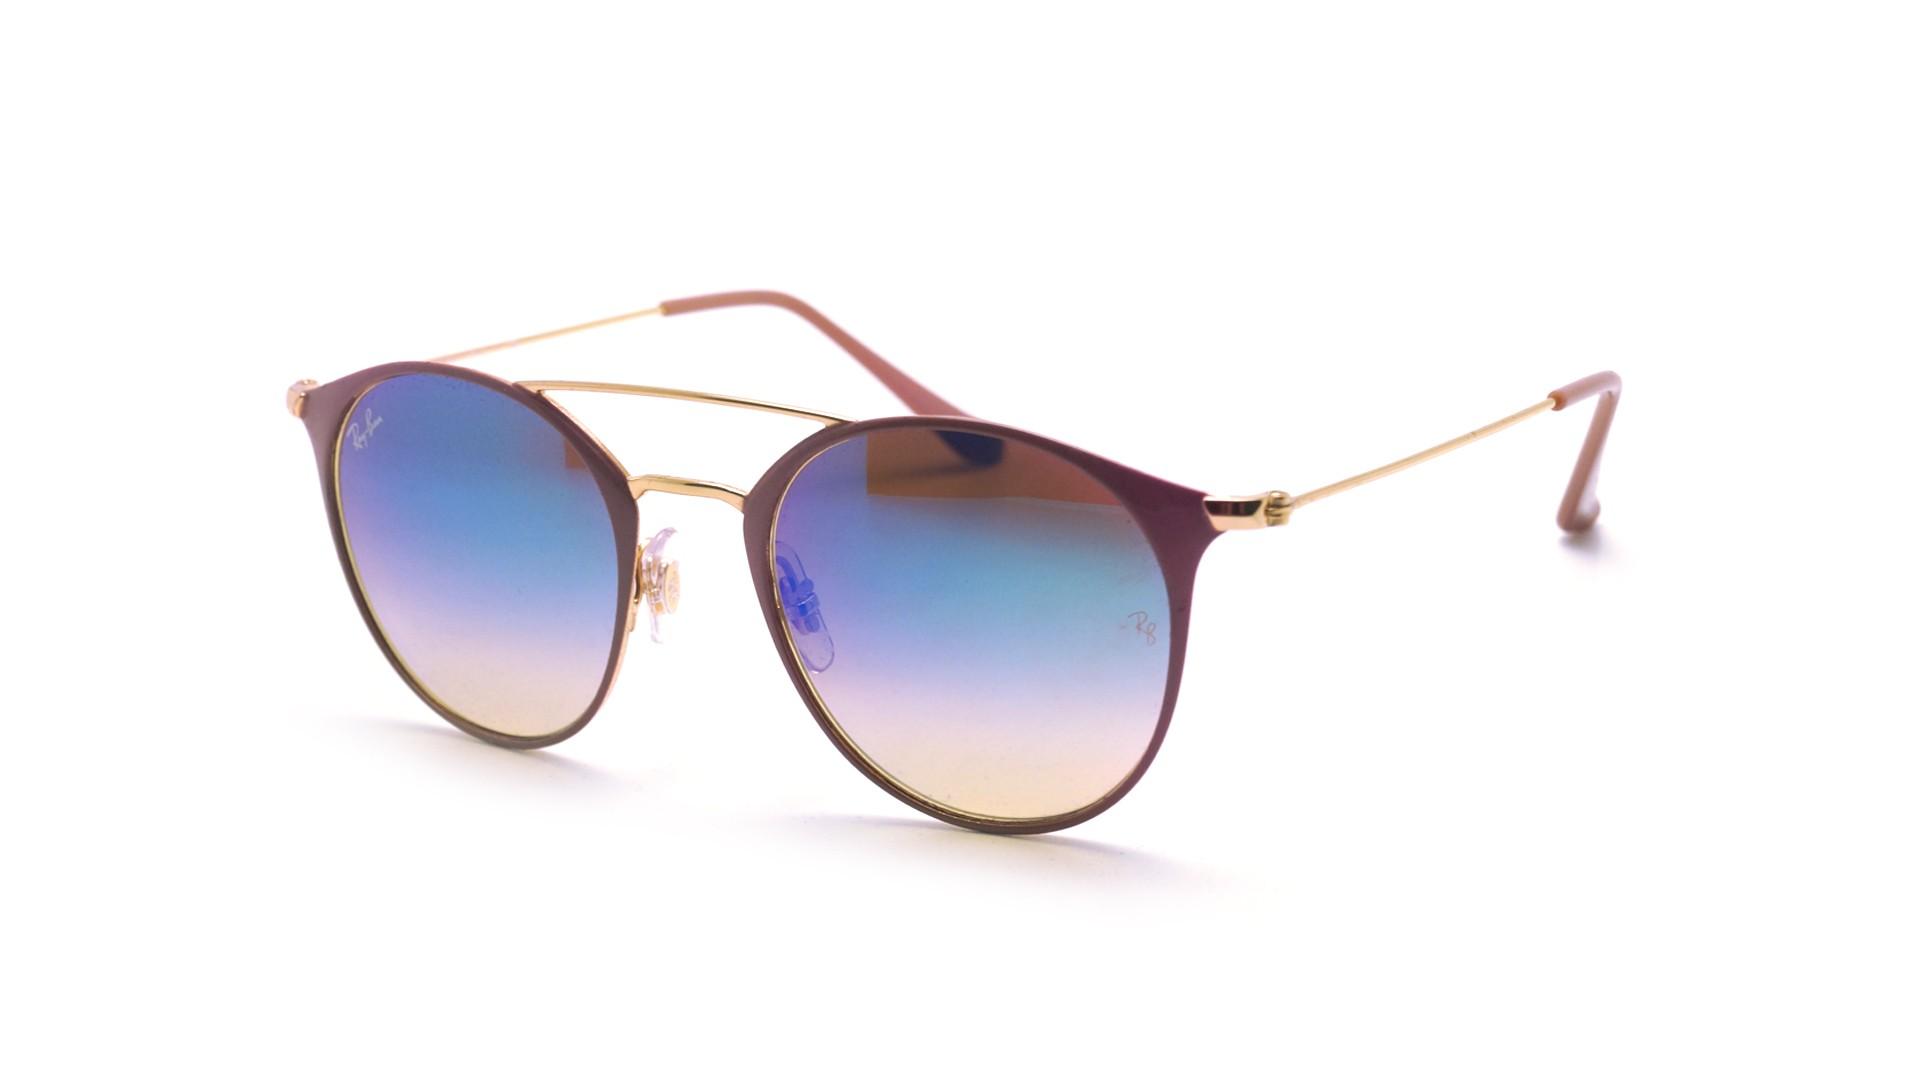 125c6e3a8dc6 Sunglasses Ray-Ban RB3546 9011/8B 49-20 Purple Small Gradient Mirror